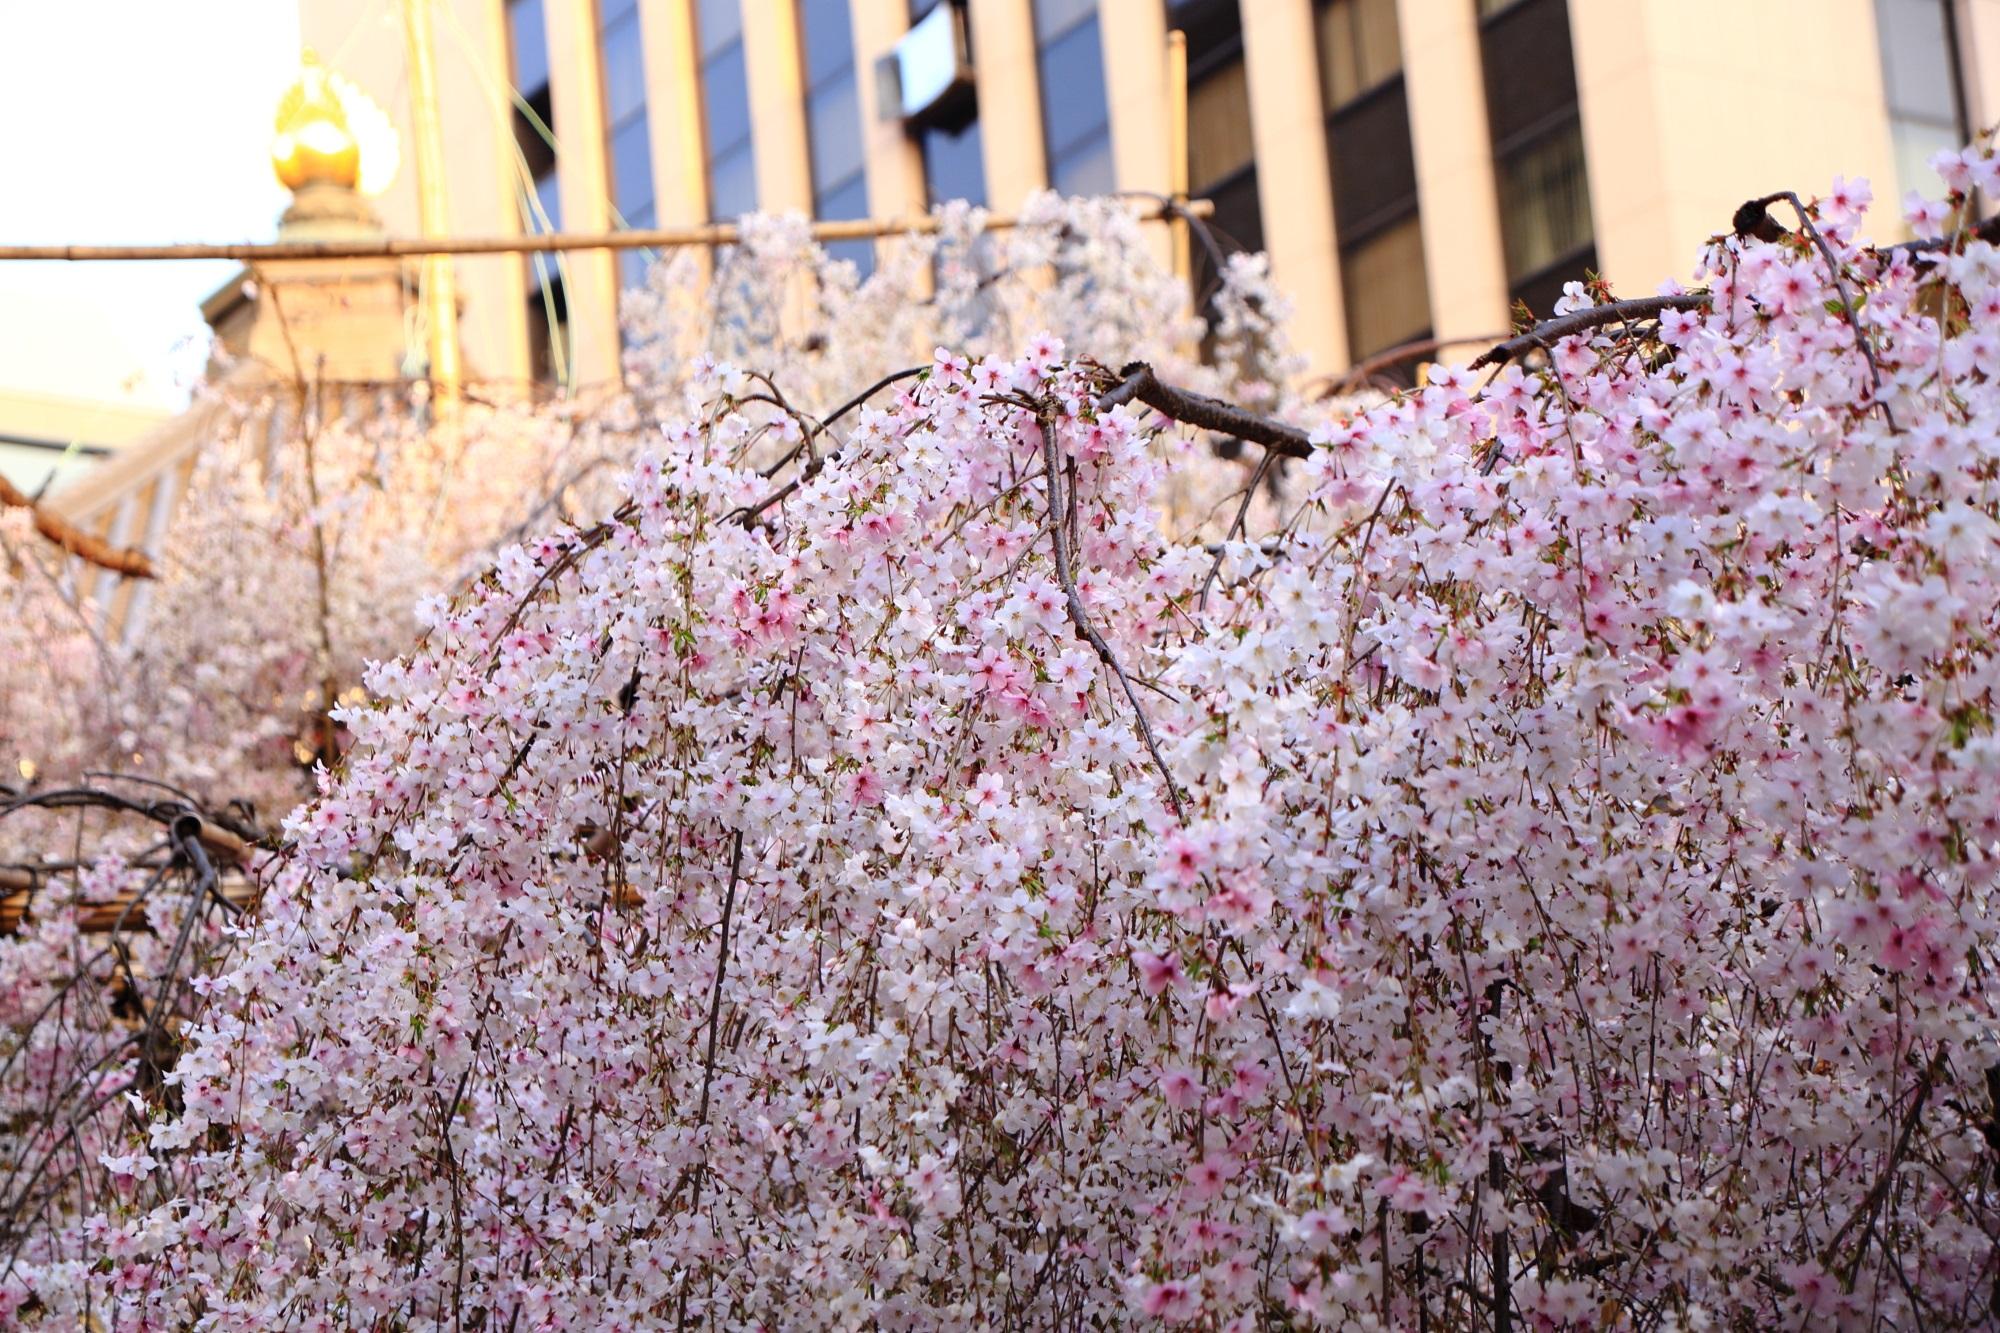 桜の名所の六角堂の桜と本堂